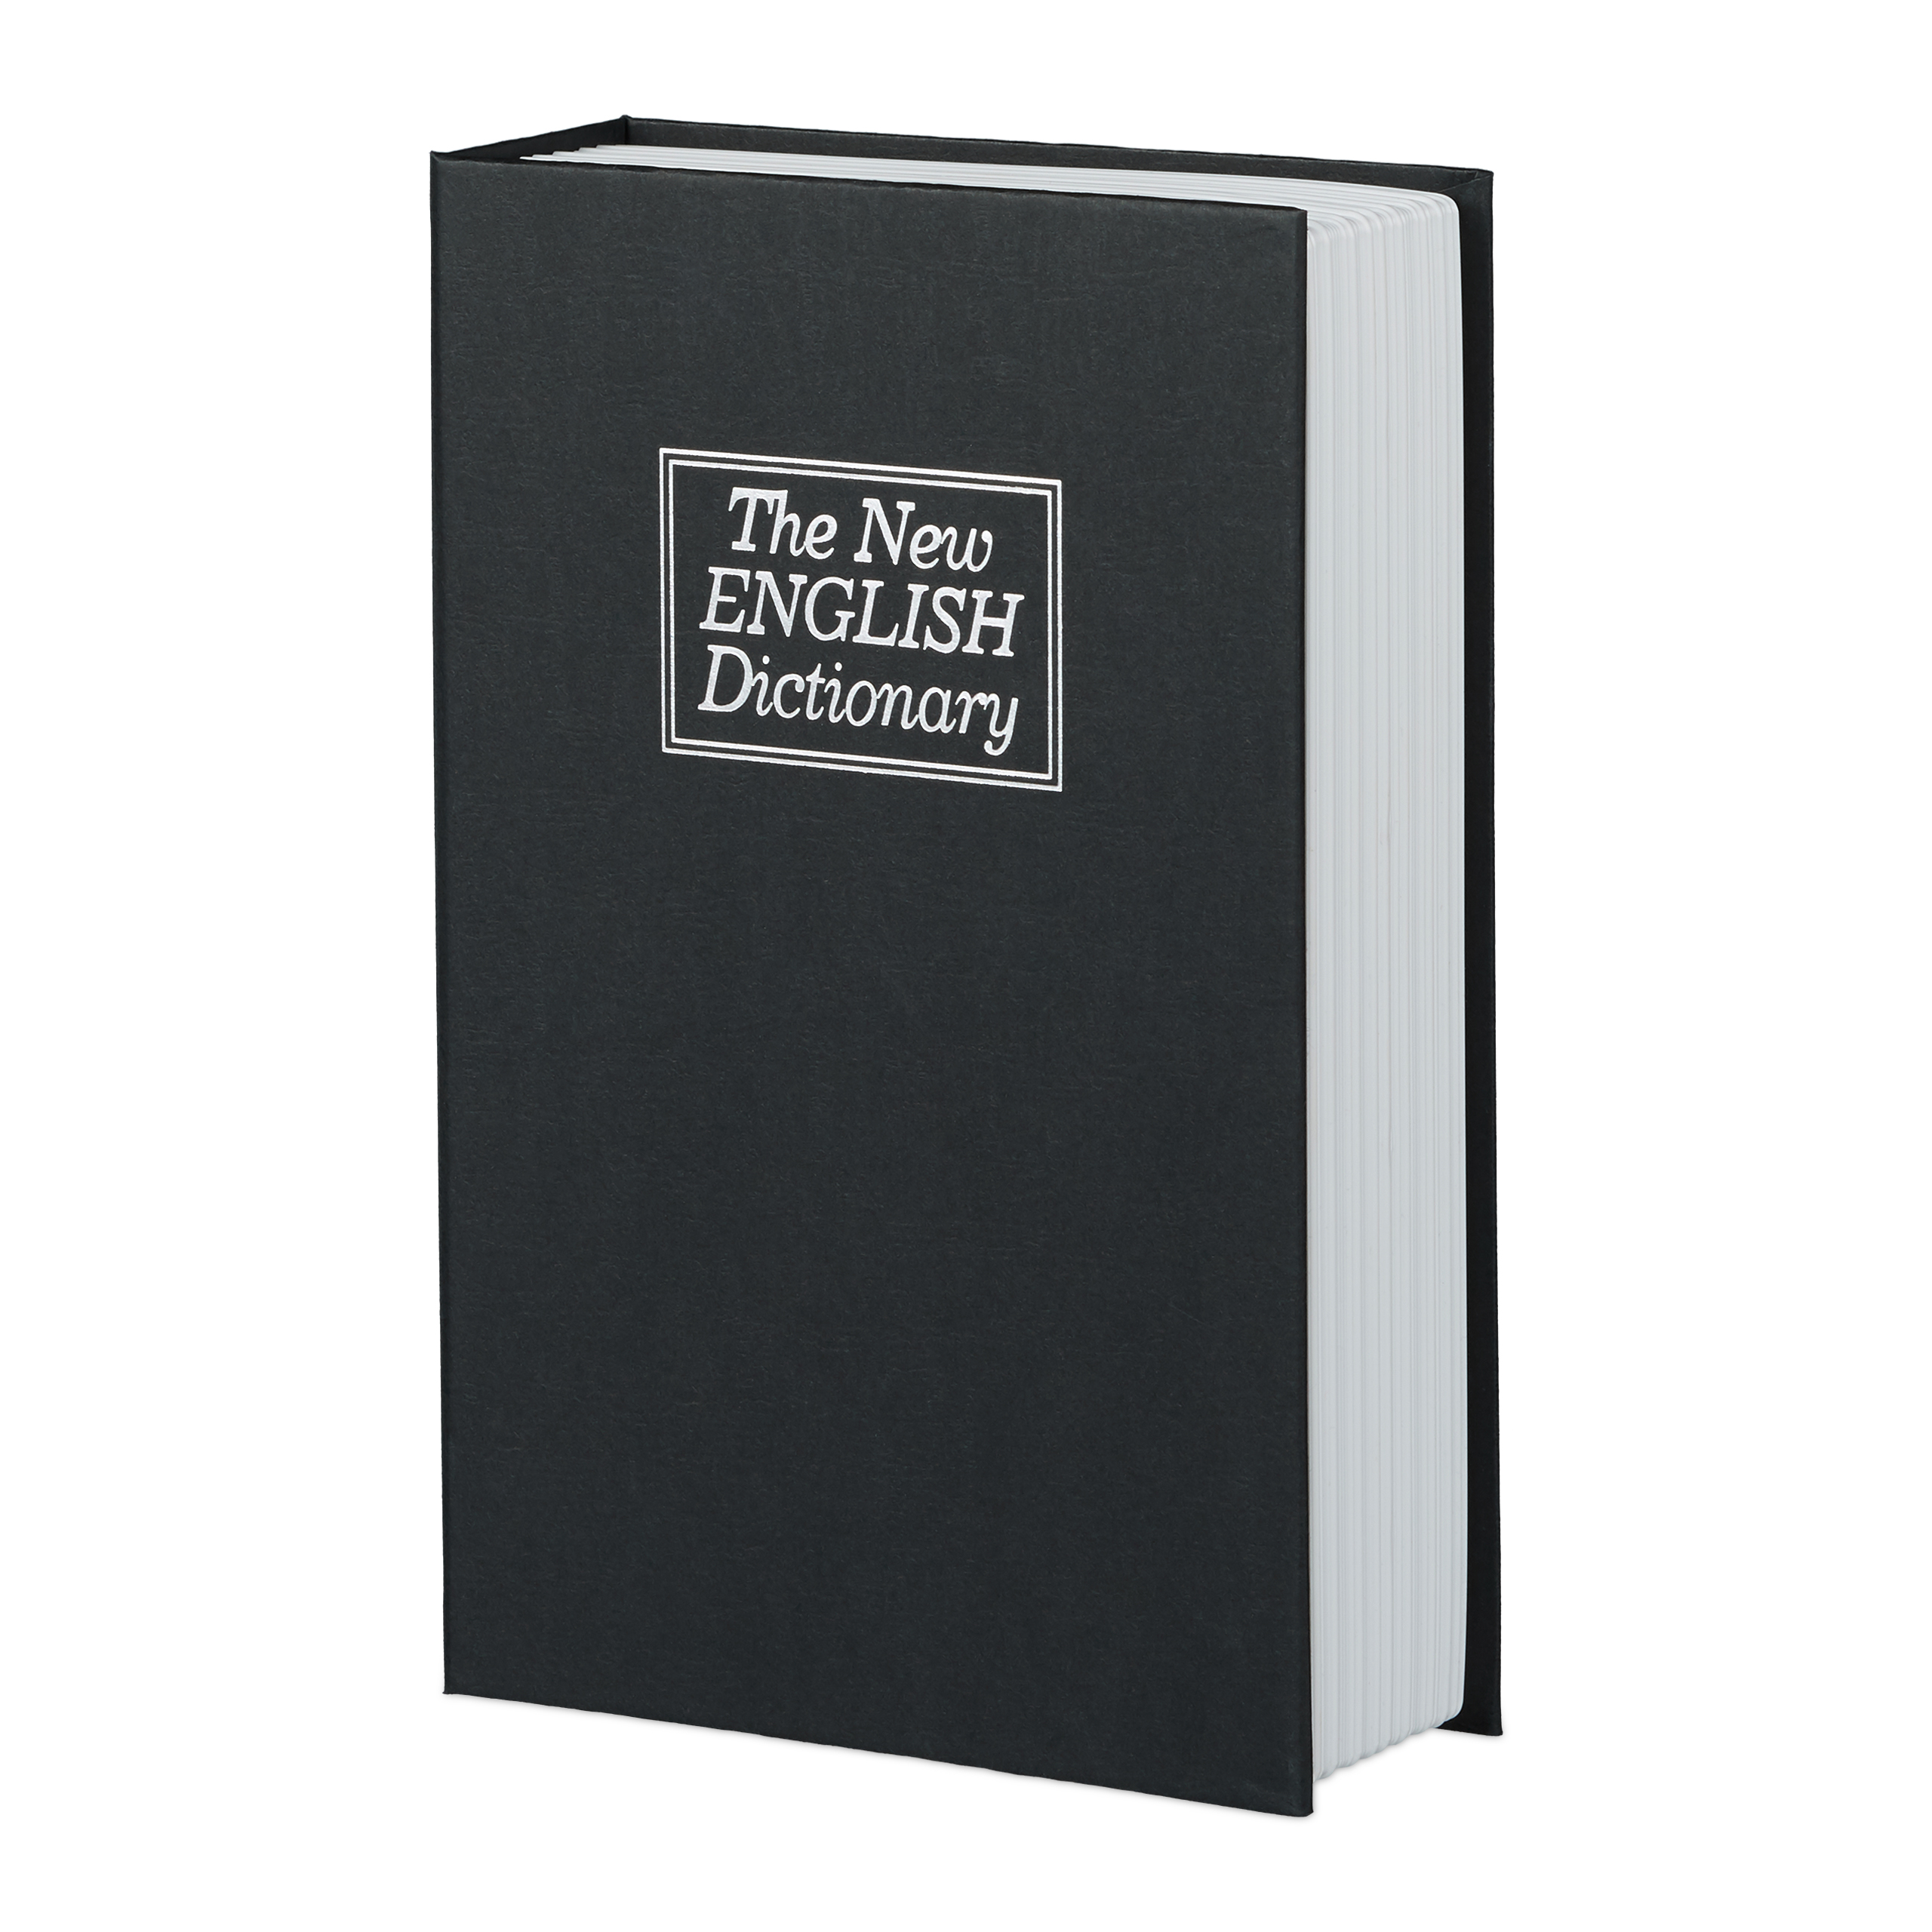 Attrappe Buchtresor mit Stahlschließfach Safe als Englisch-Wörterbuch getarnt